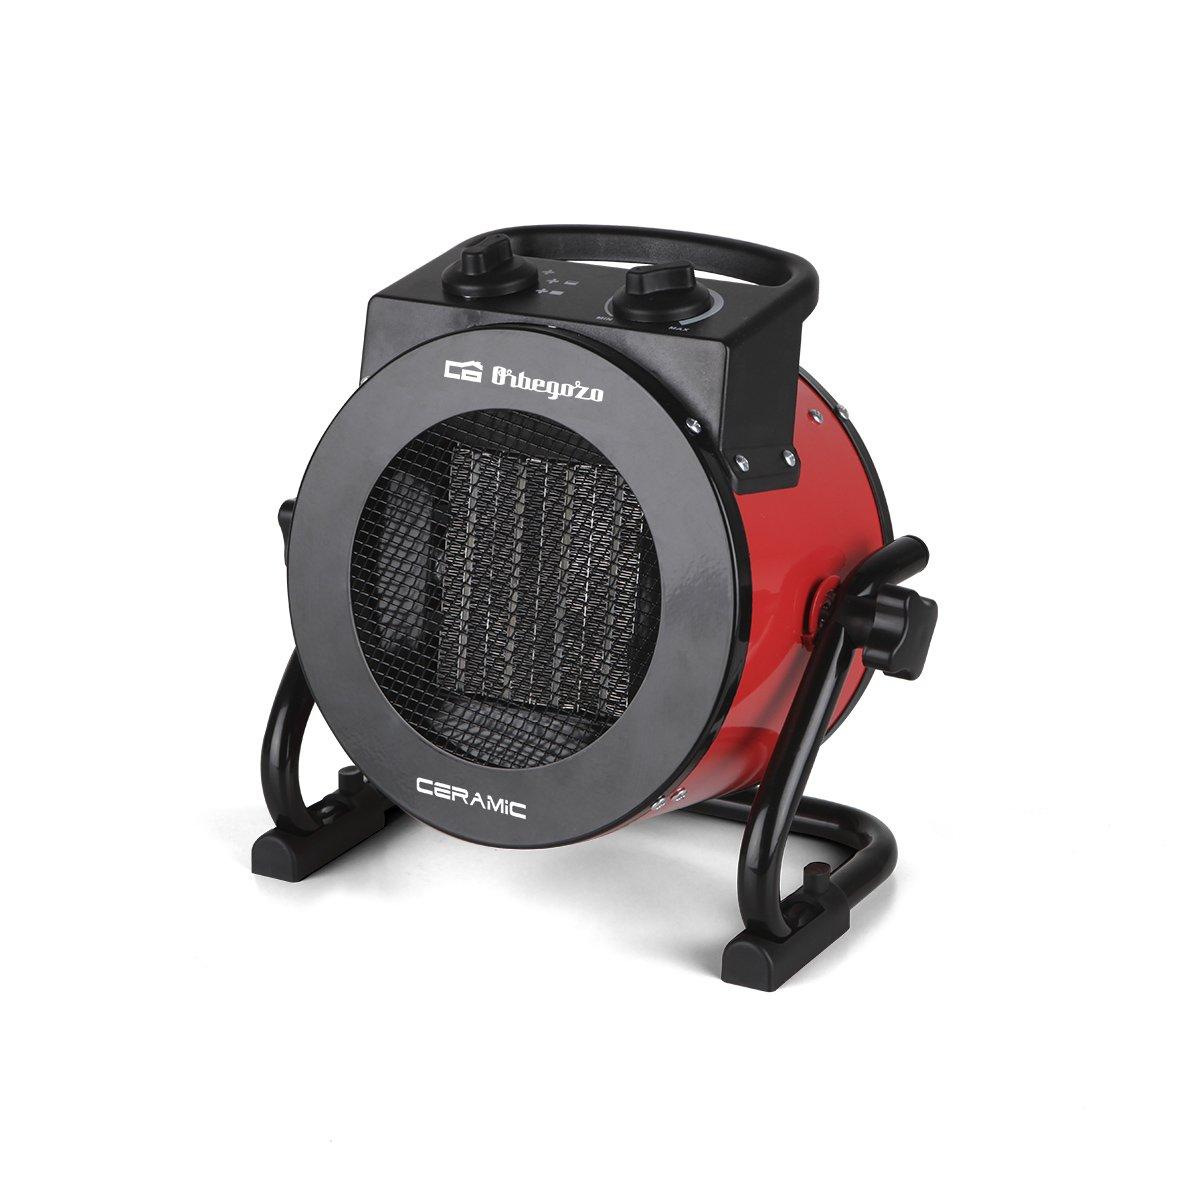 Orbegozo FHR Calefactor cerámico profesional W potencias de calor protección contra sobrecalentamiento